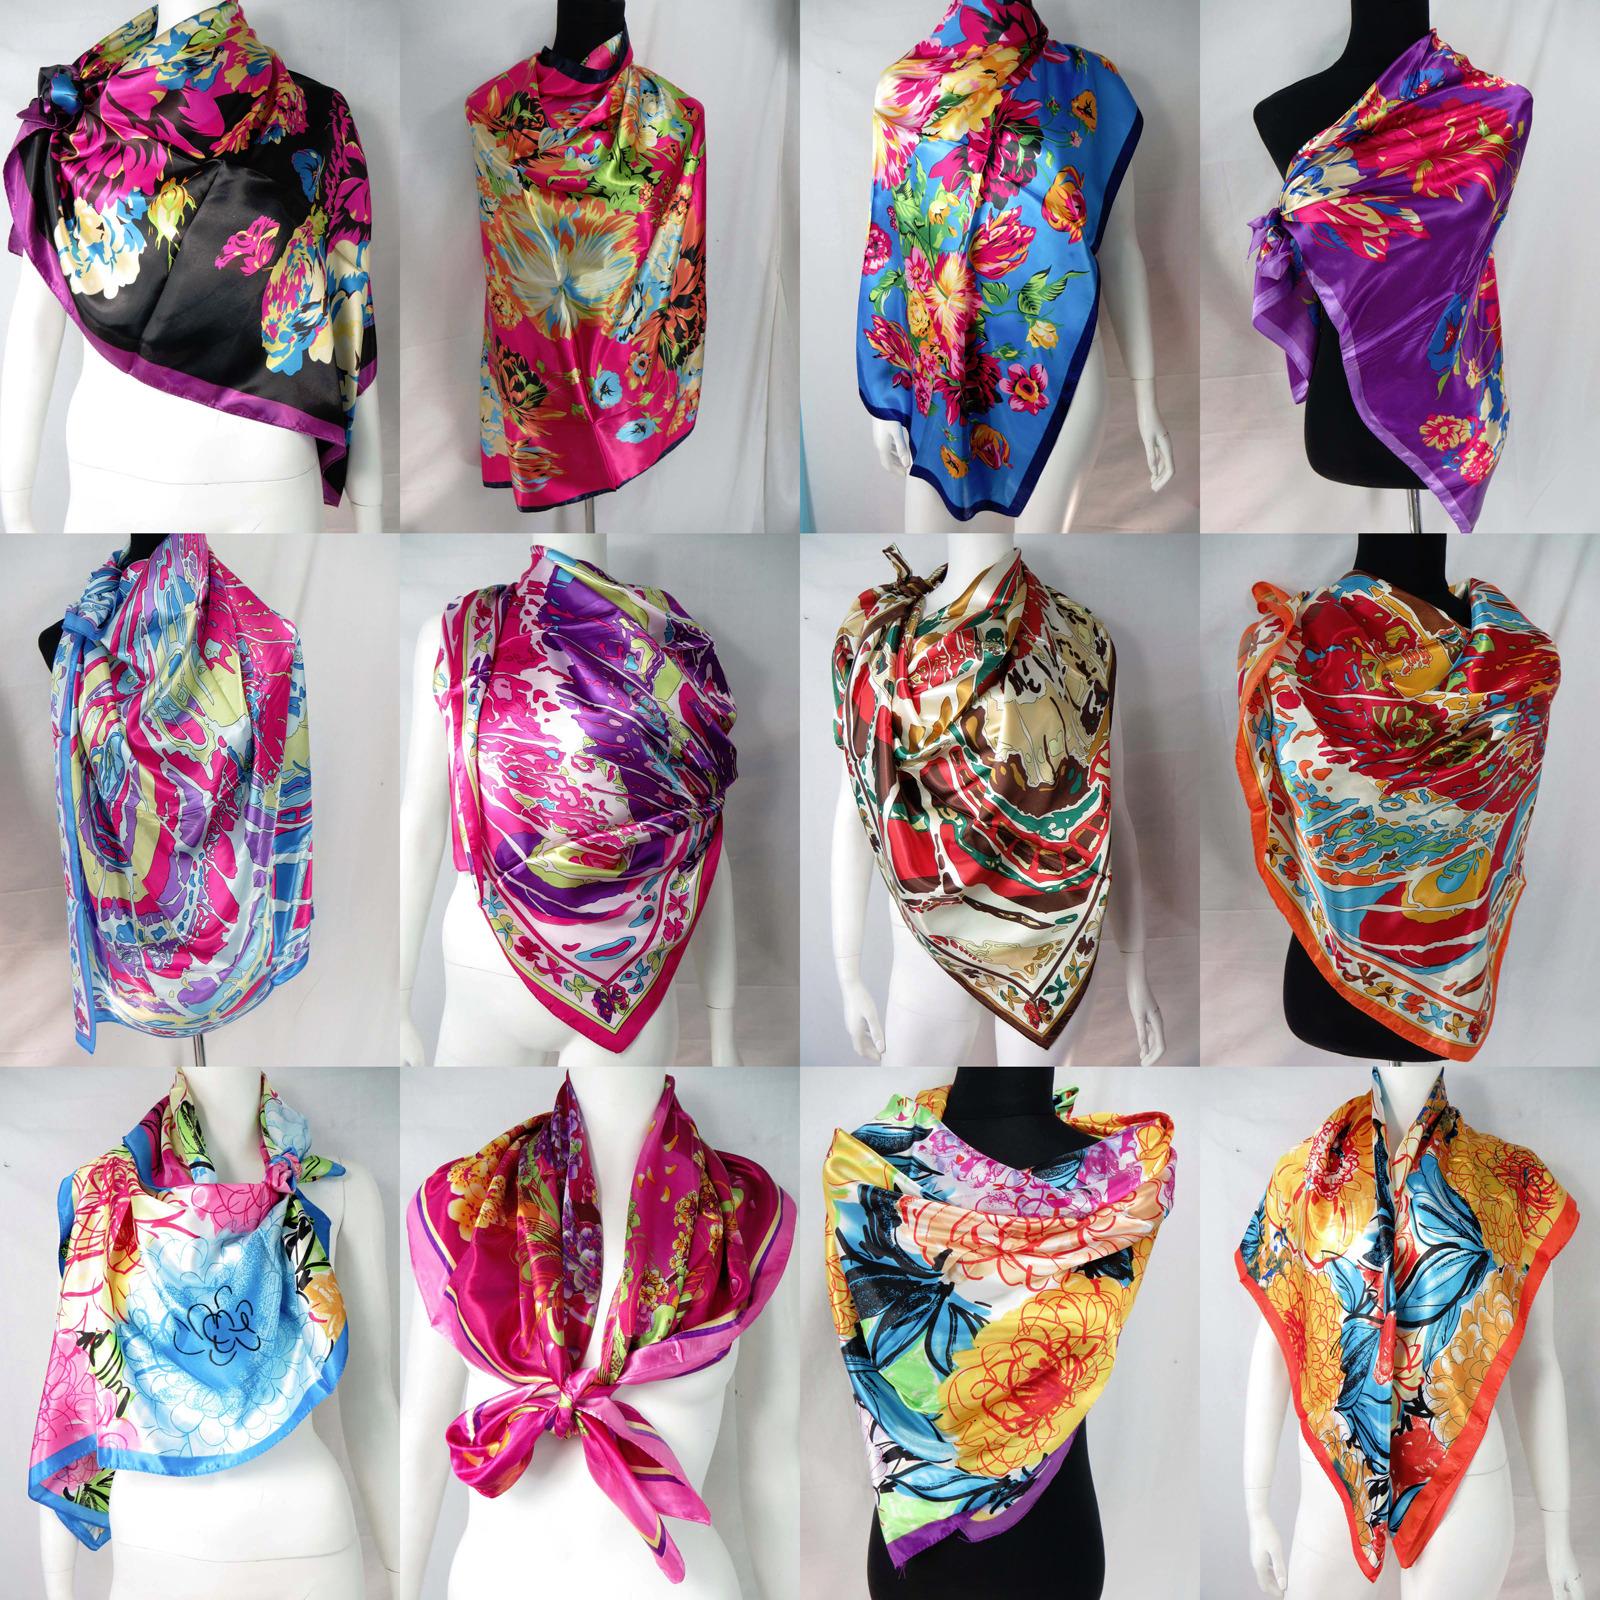 09d8c6631c5f2 Details about lot of 5 wholesale Artificial silk 39